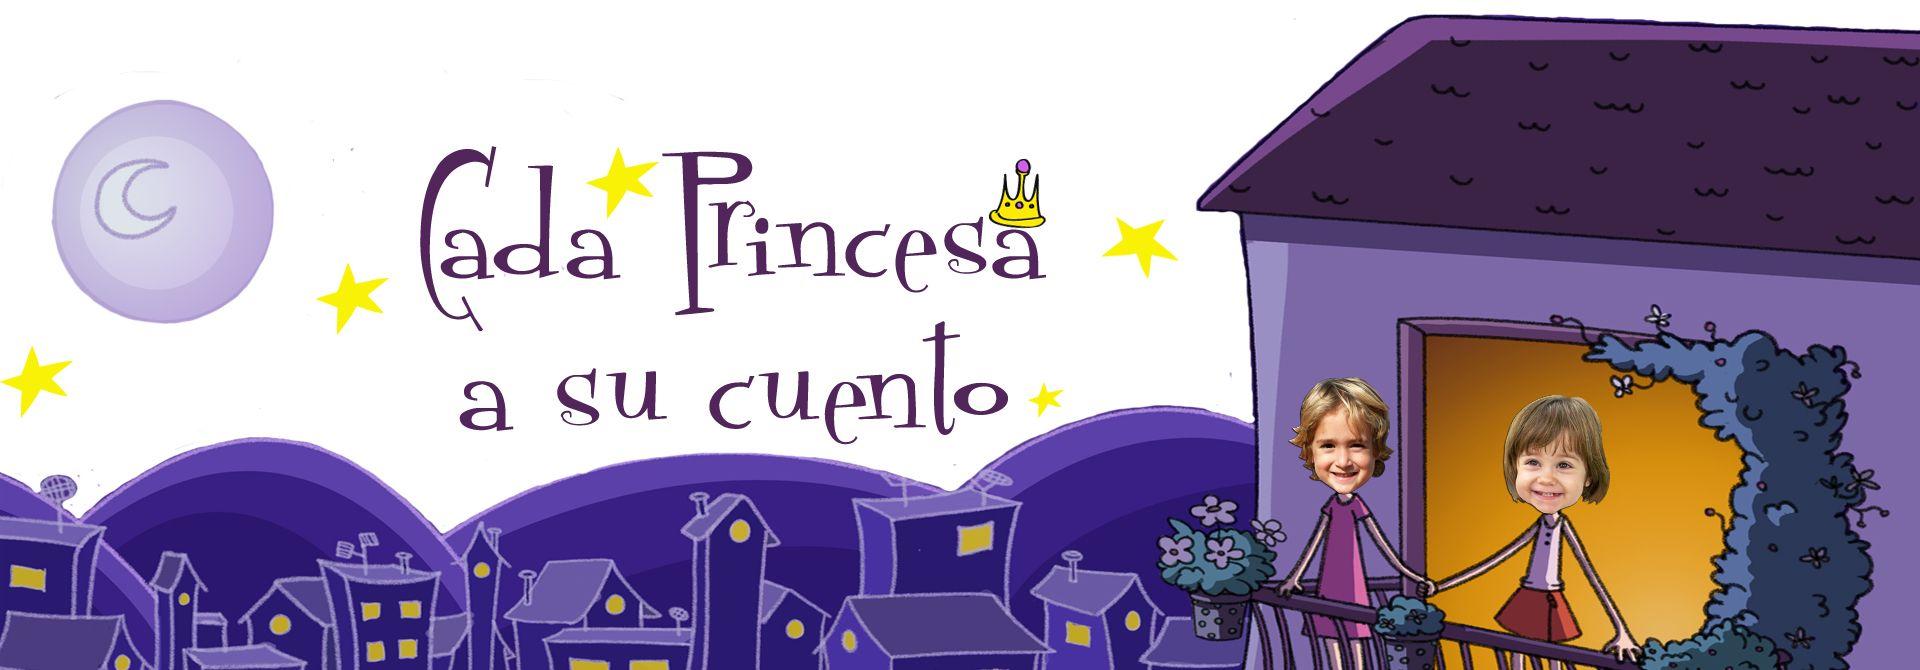 Un cuento de princesas - Encabezado del producto